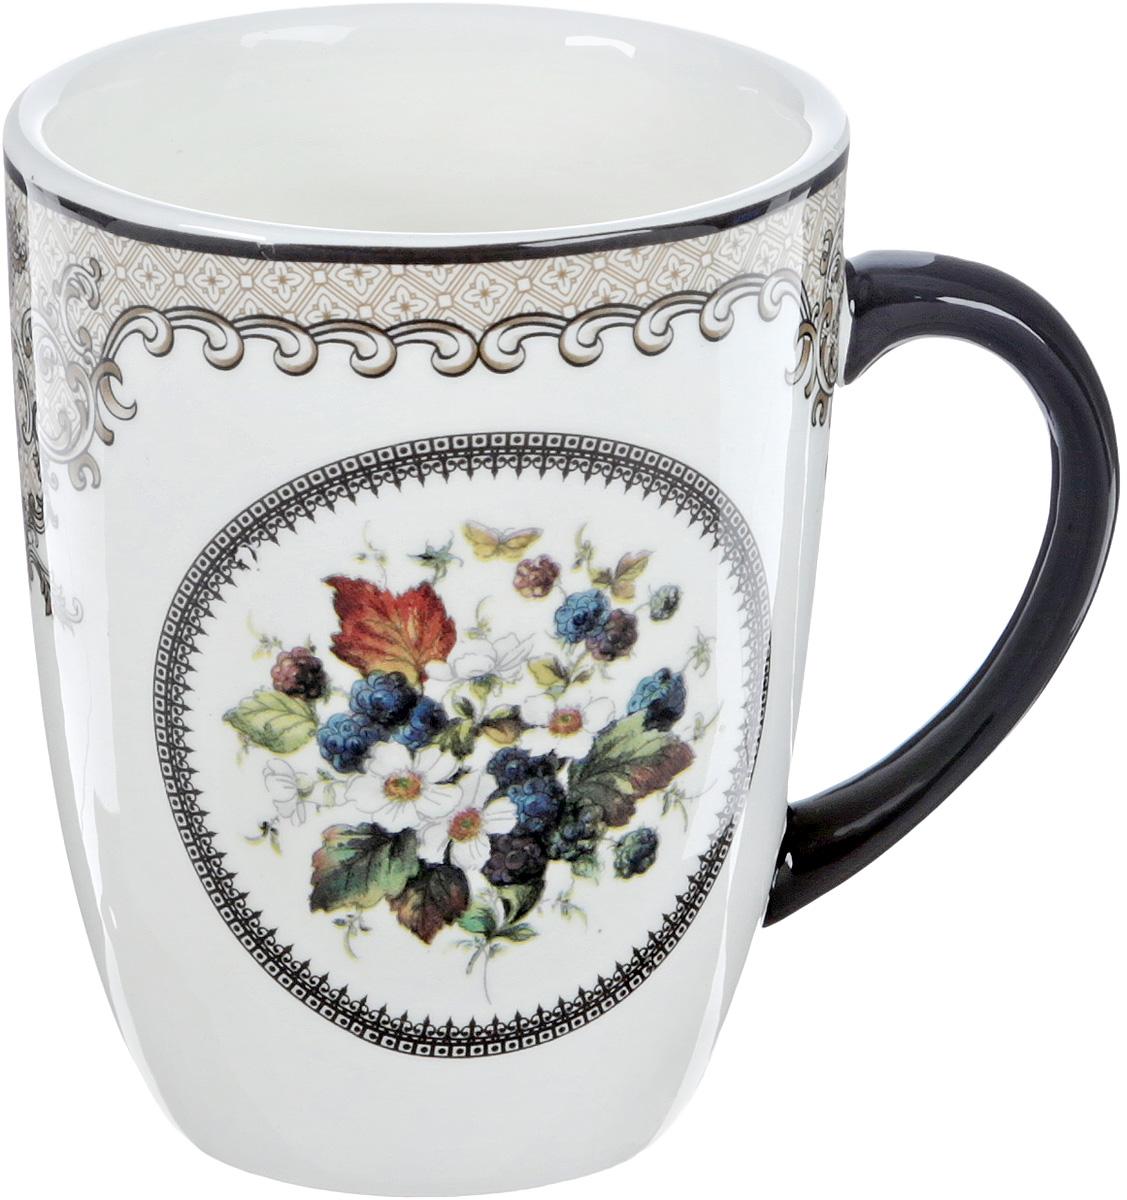 Кружка Lillo, цвет: белый, черный, 350 мл1018E-АТМКружка Lillo выполнена из высококачественной керамики с глазурованным покрытием и оформлена оригинальным рисунком. Изделие оснащено удобной ручкой.Такая кружка прекрасно оформит стол к чаепитию и станет его неизменным атрибутом. Можно мыть в посудомоечной машине и использовать в СВЧ.Диаметр кружки (по верхнему краю): 8,3 см.Высота чашки: 10,5 см.